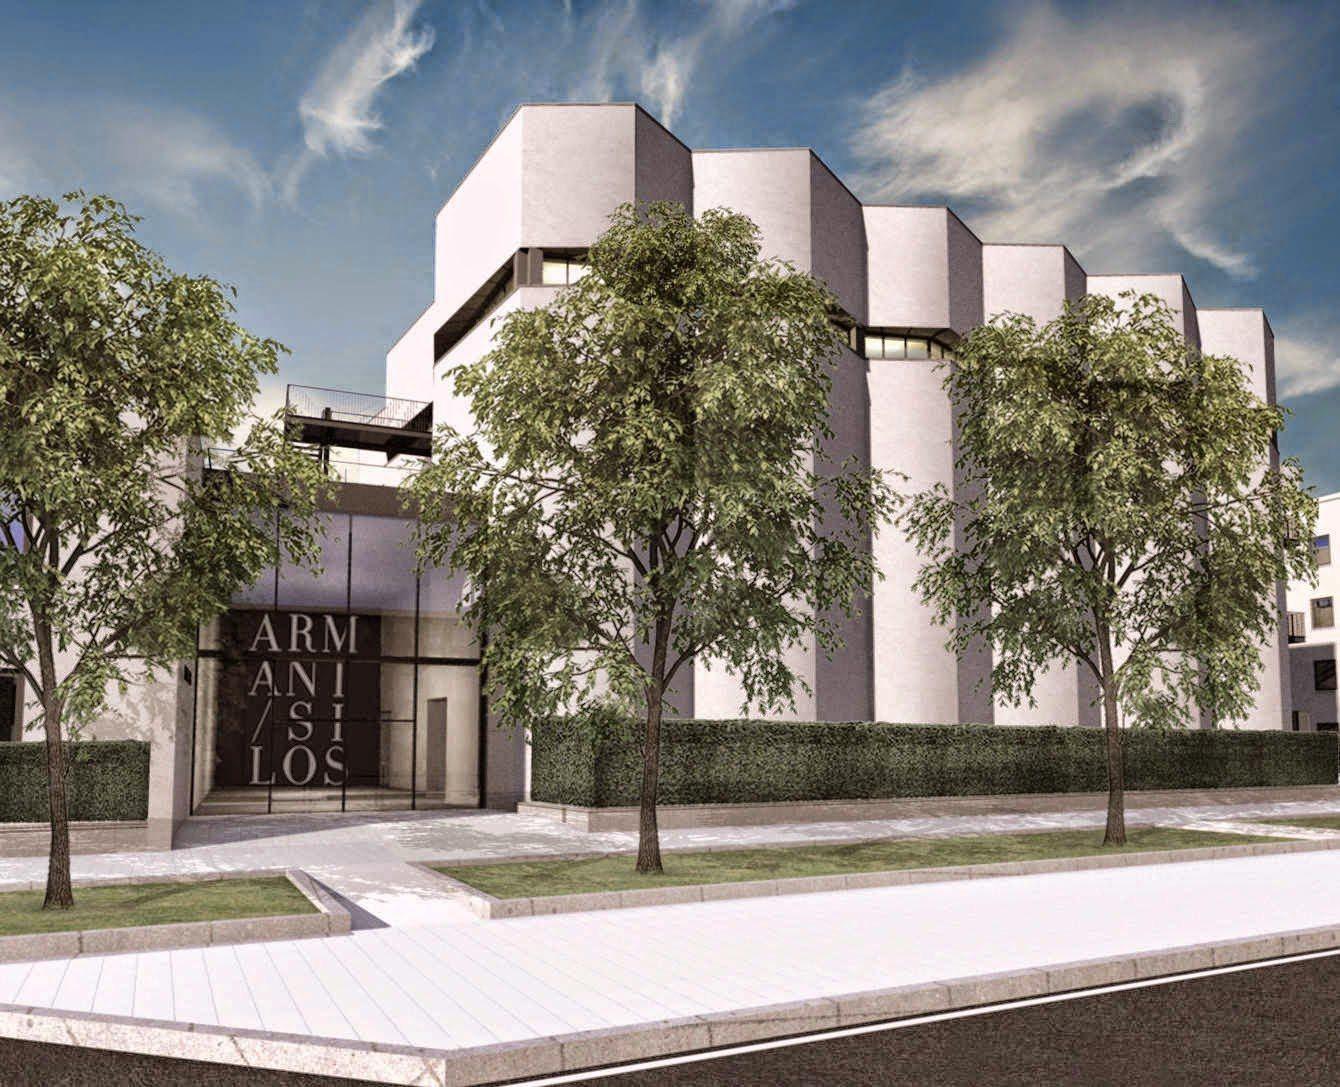 Armani silos la collaborazione con la scuola del design for Design dello spazio esterno